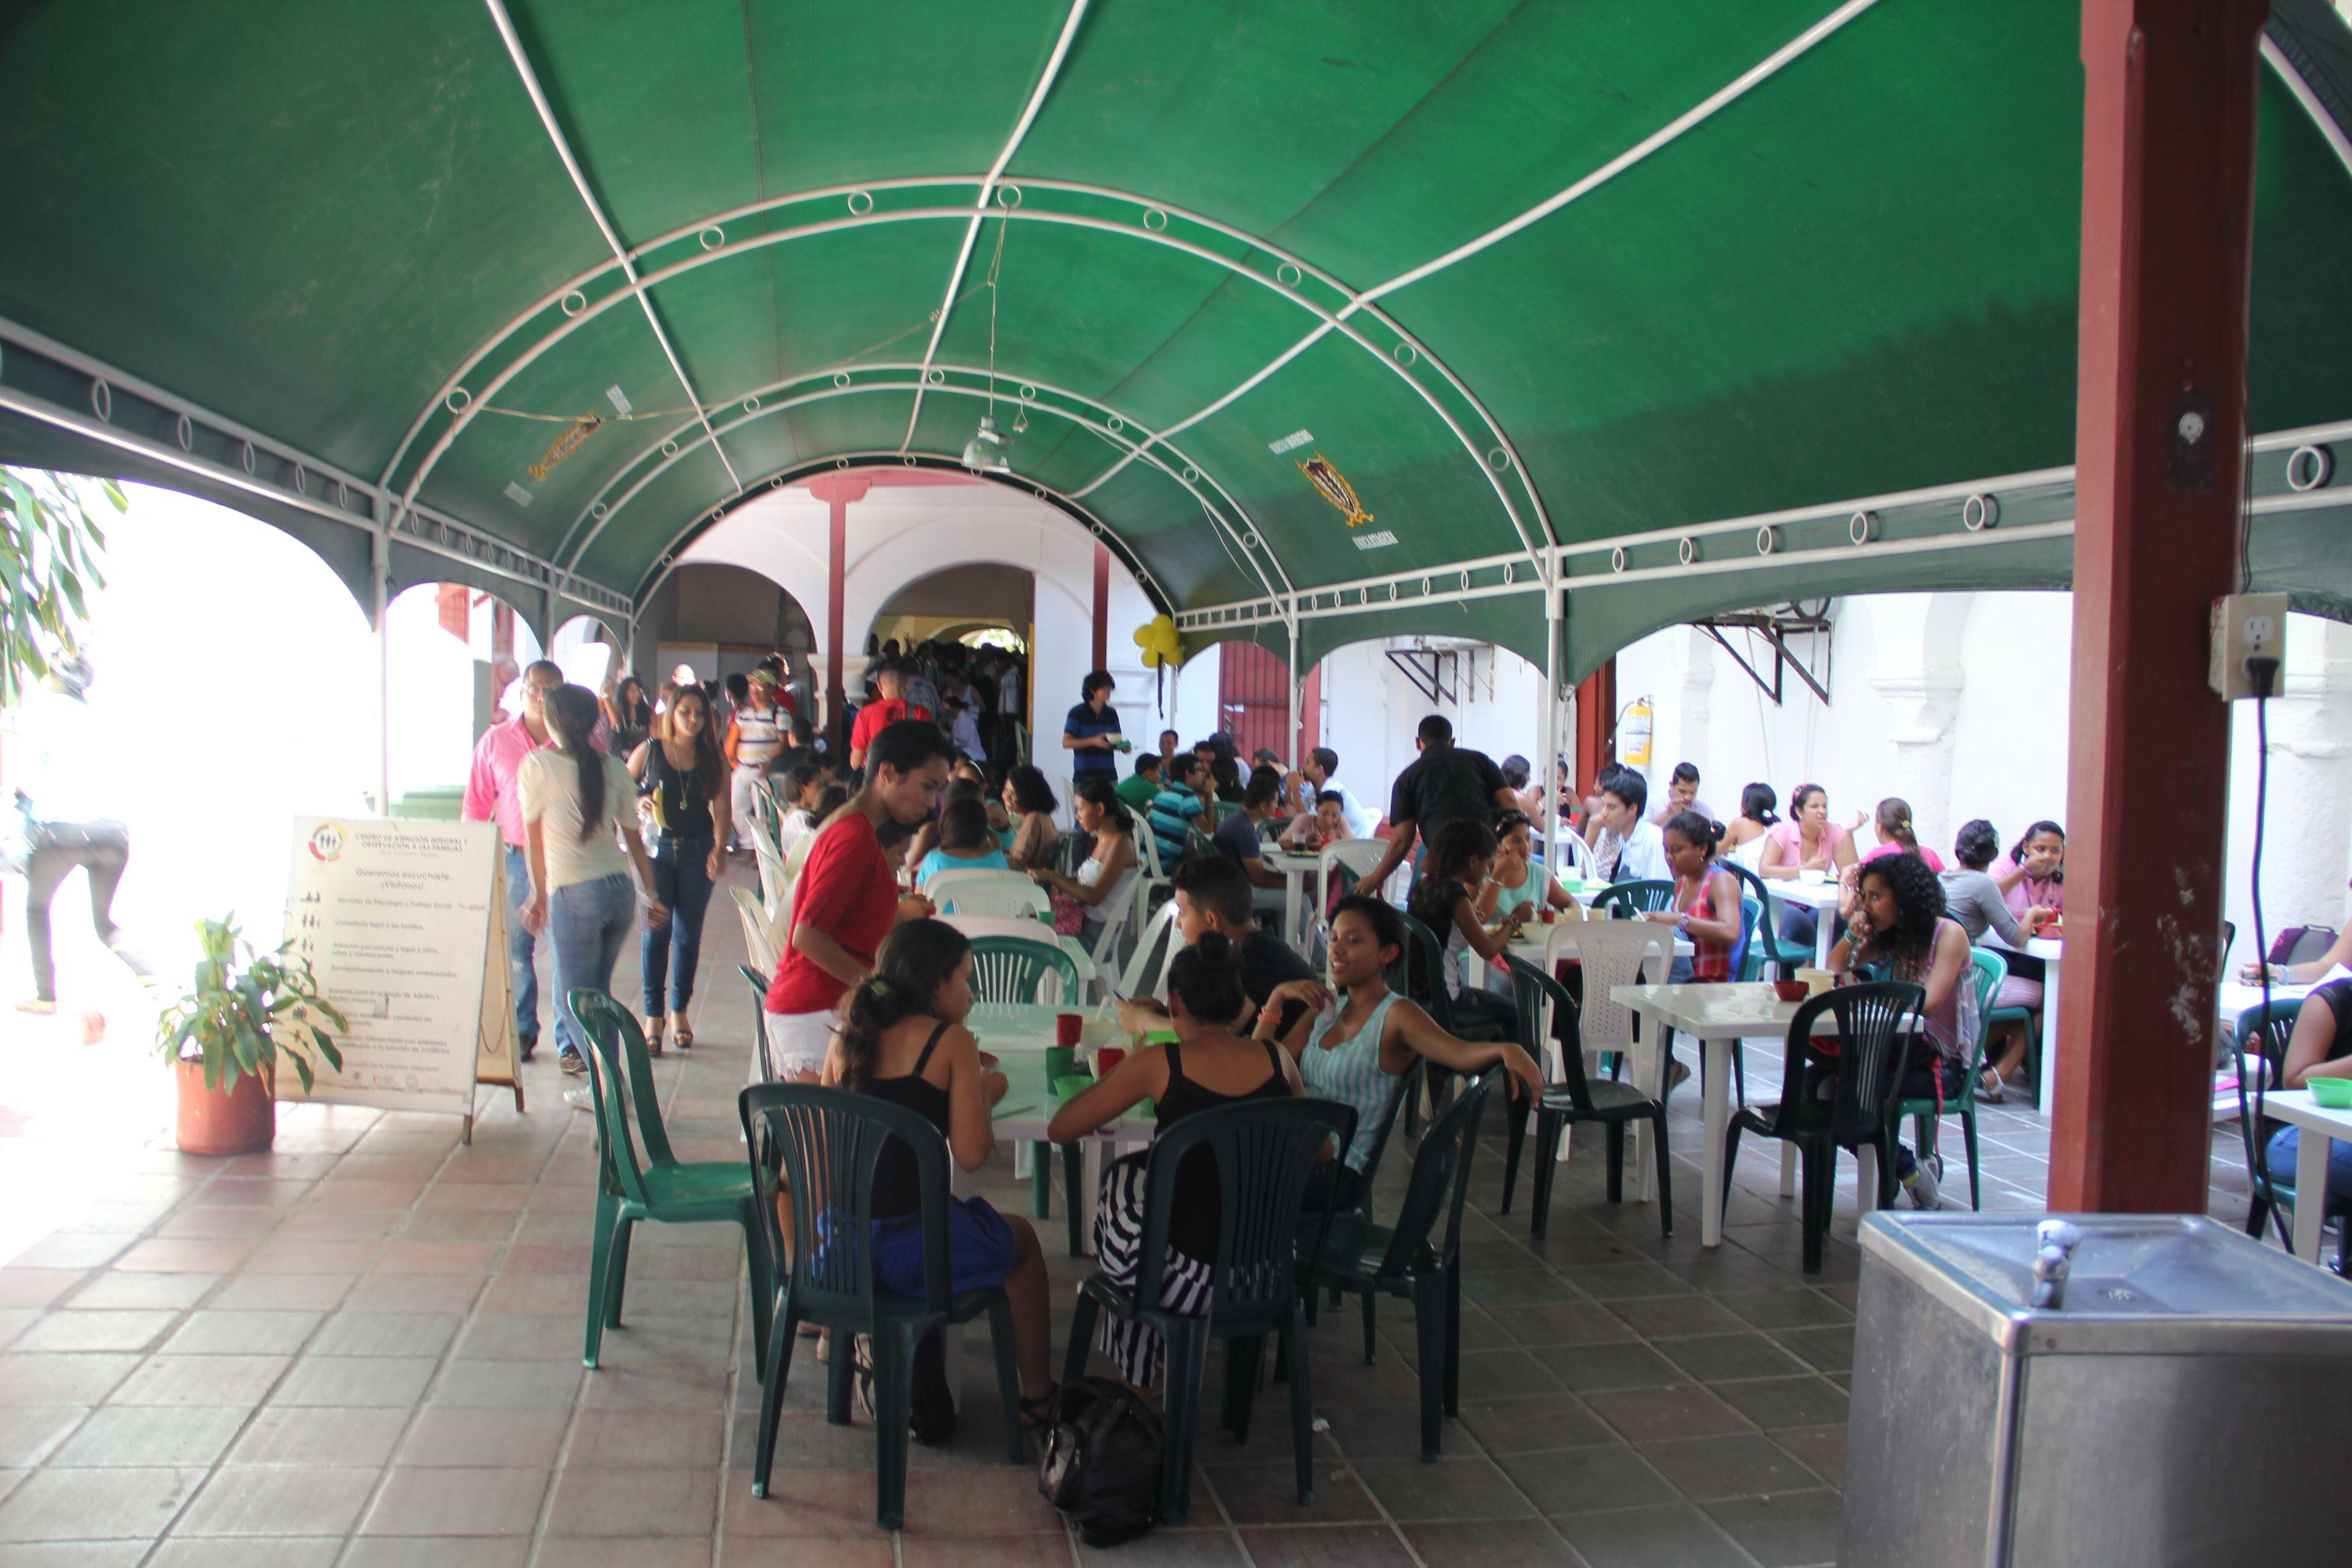 Los estudiantes de la Universidad de Cartagena ya disfrutan del comedor universitario. #Unicartagena #Bienestar